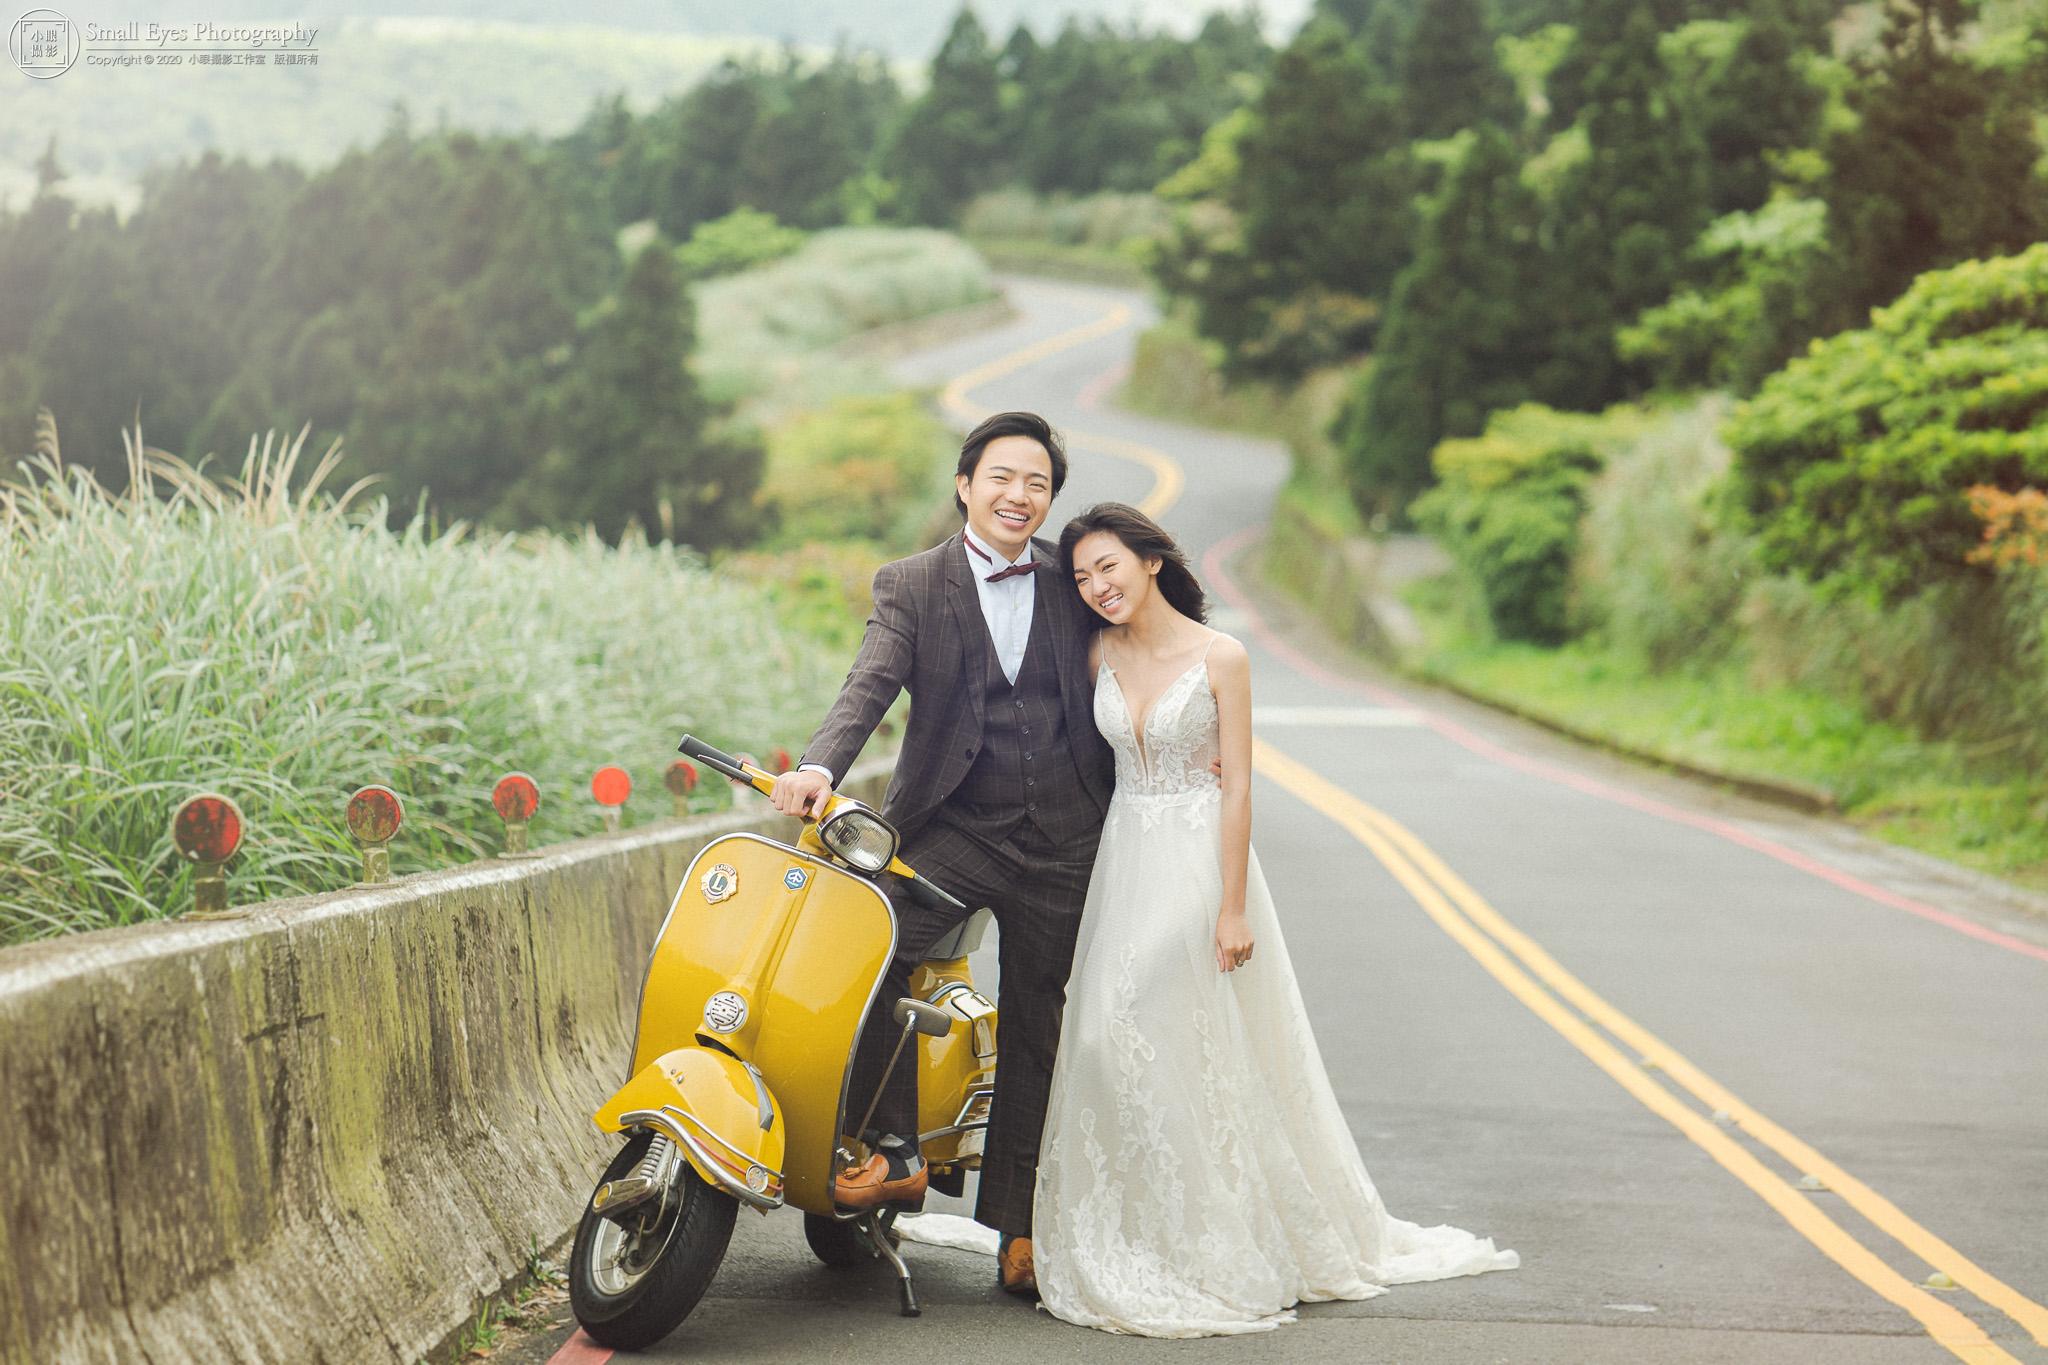 小眼攝影,婚紗攝影,婚攝,吉兒婚紗,新秘瓜瓜,自助婚紗,自主婚紗,台灣,台北,陽明山,偉士牌,Vespa,機車,摩托車